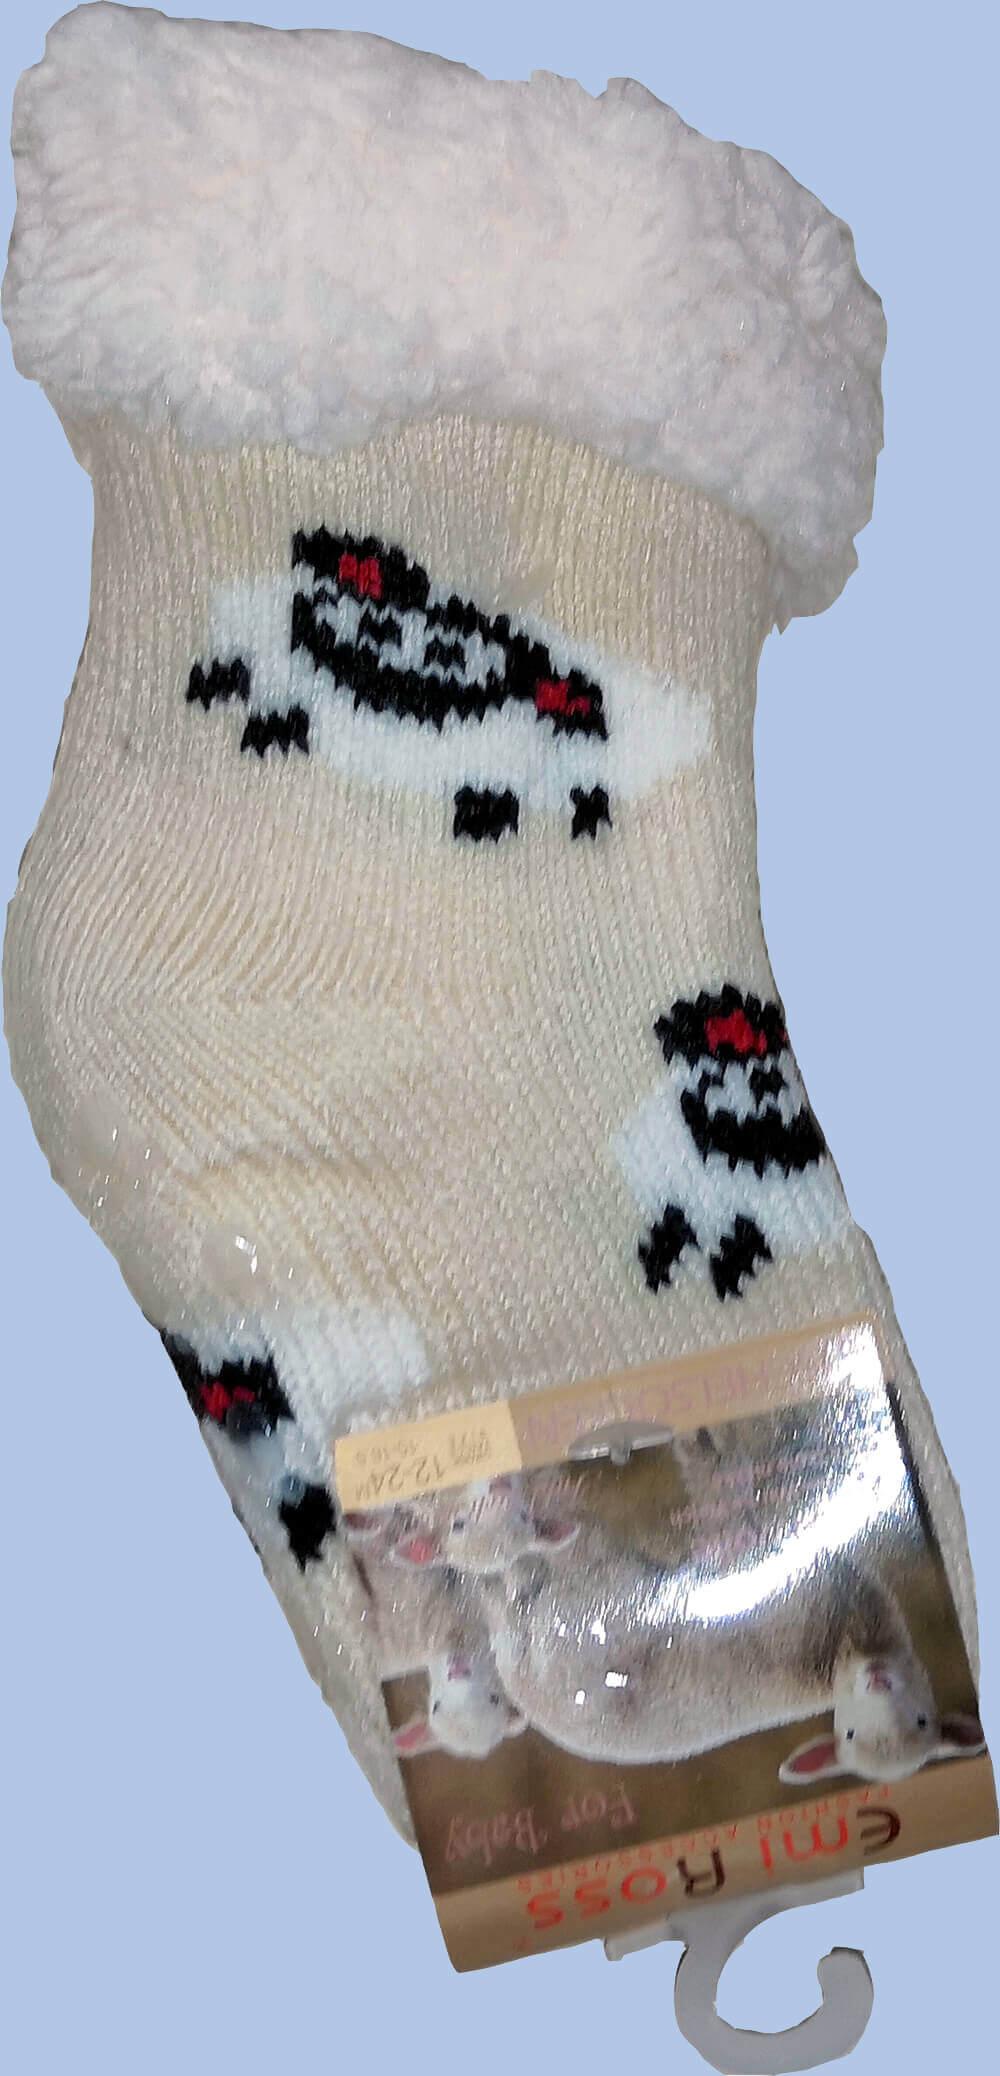 Детские носки-тапочки Emi Ross EJ-6812-b бежевого цвета. 14-14,5 размера